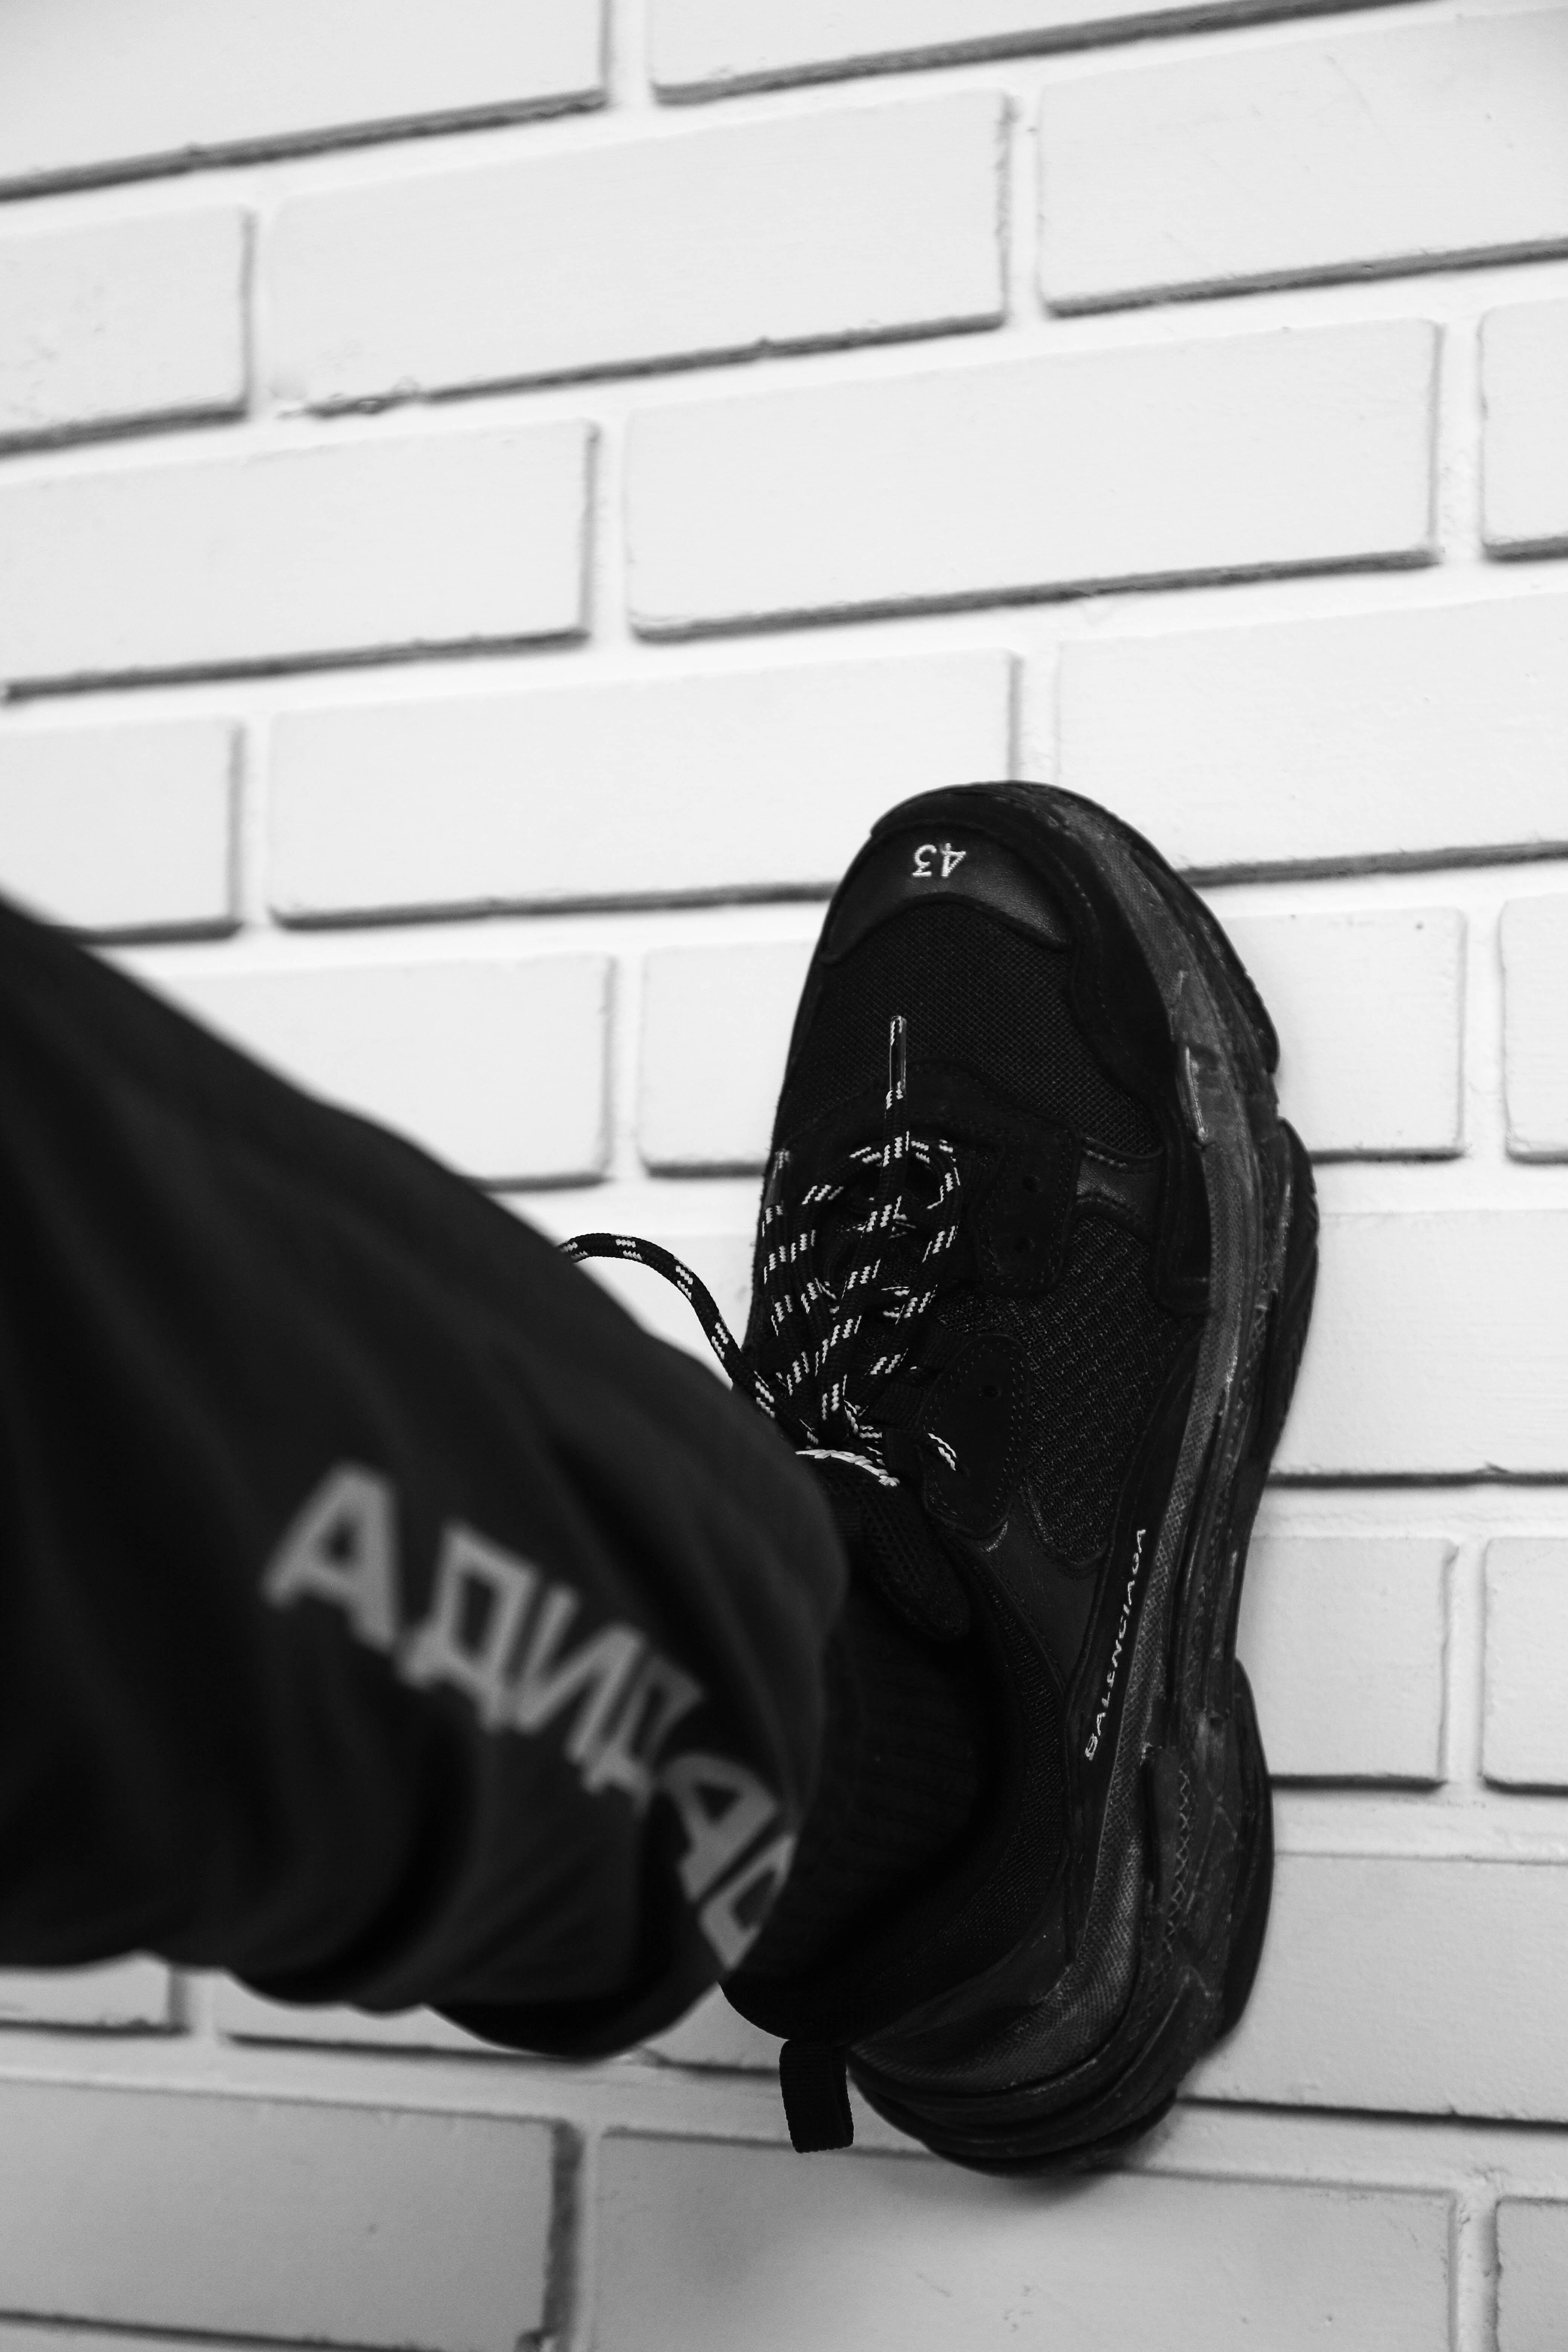 person wearing black Nike Vapor Max shoe